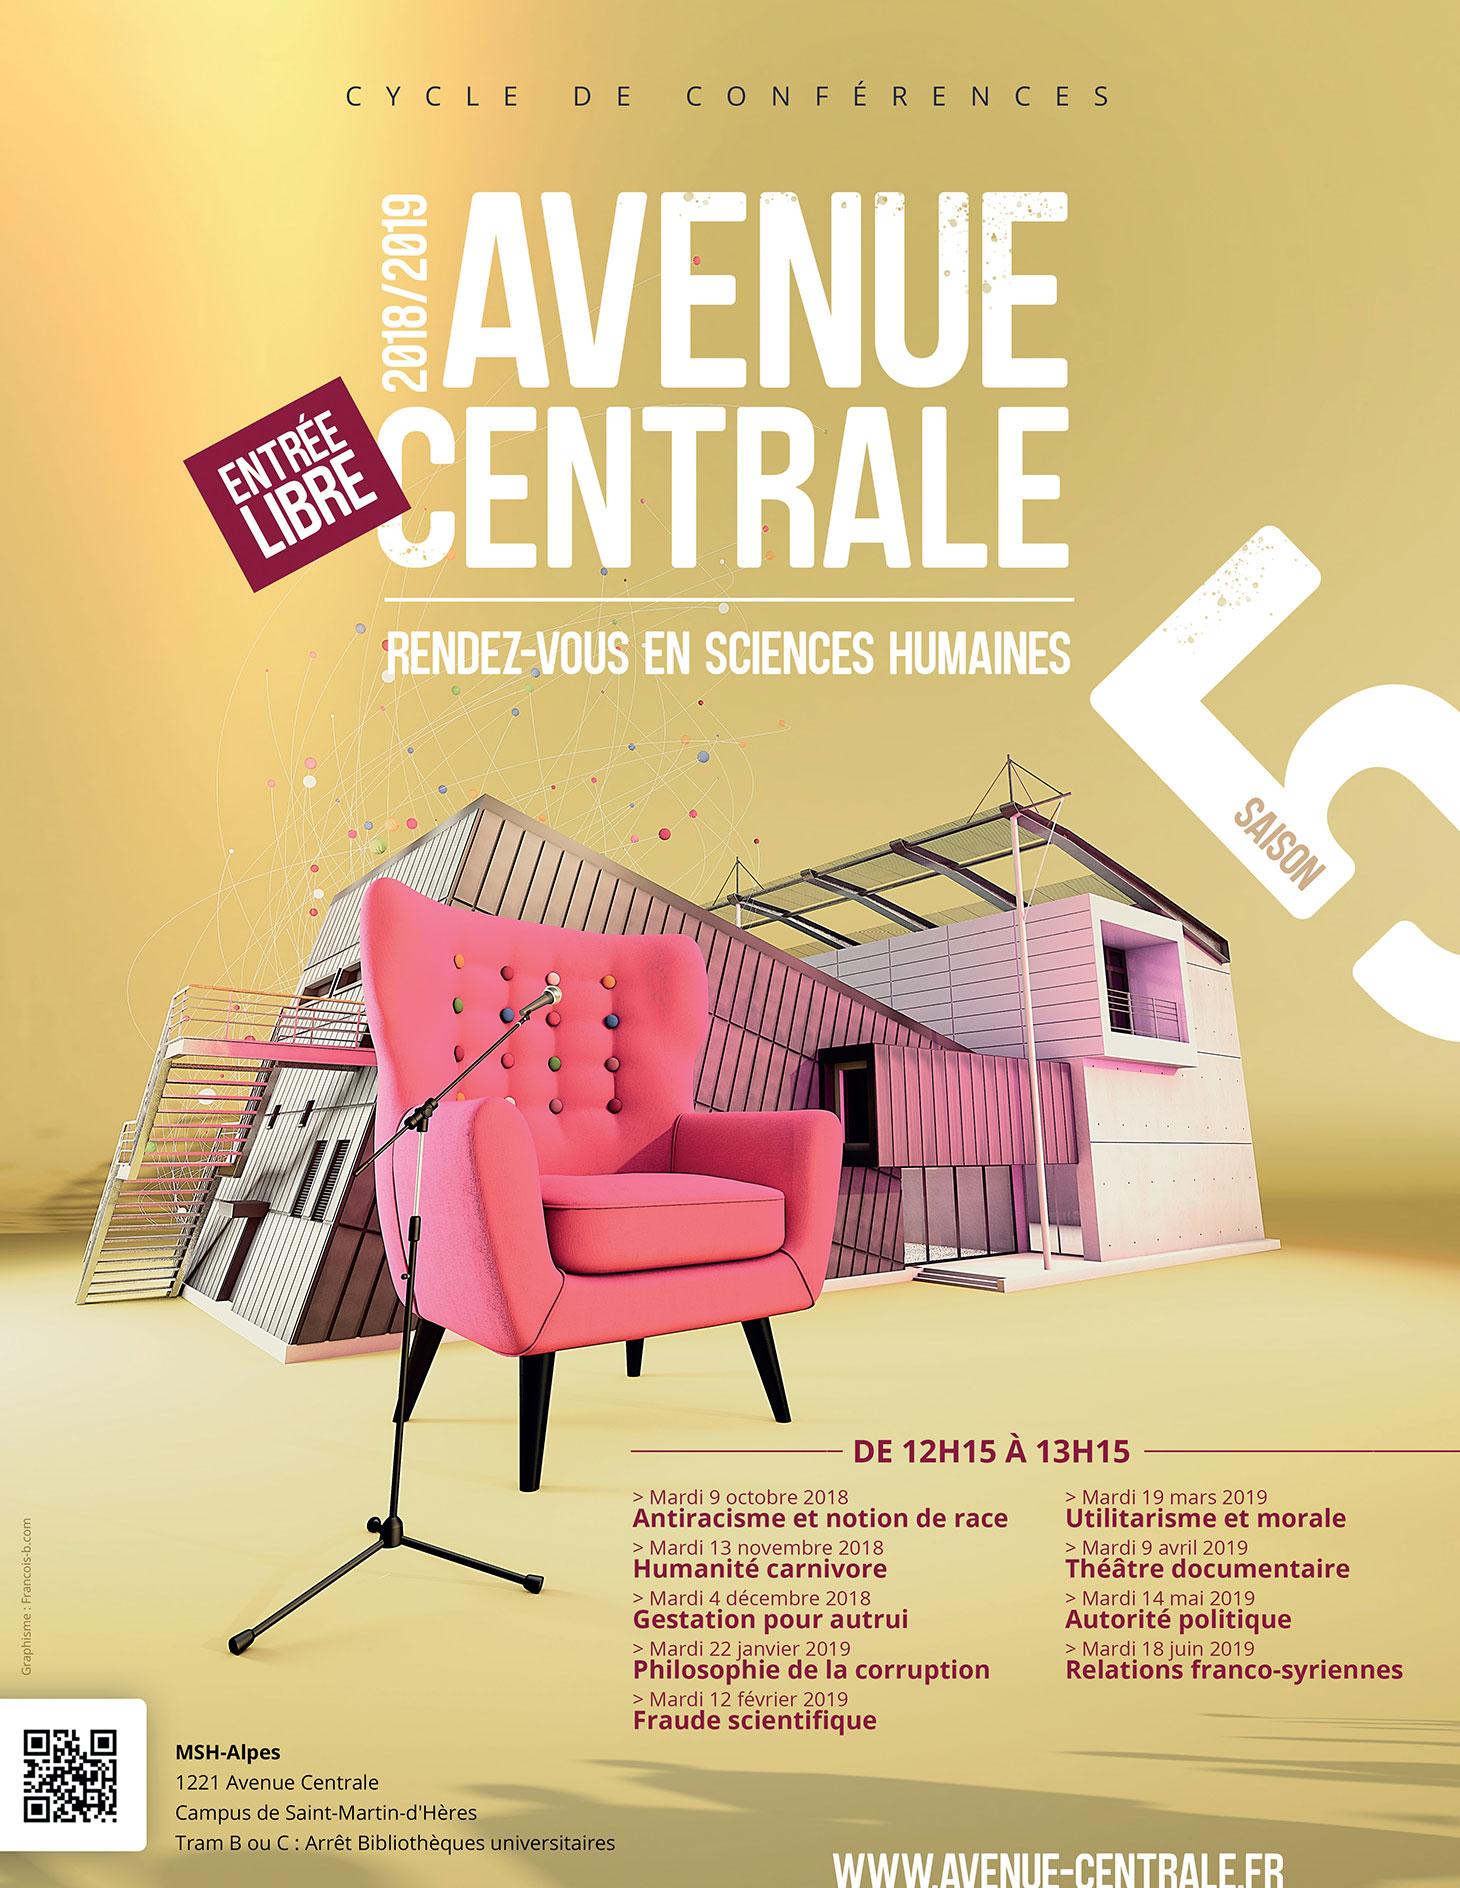 Affiche Avenue Centrale - Saison 2018 / 2019